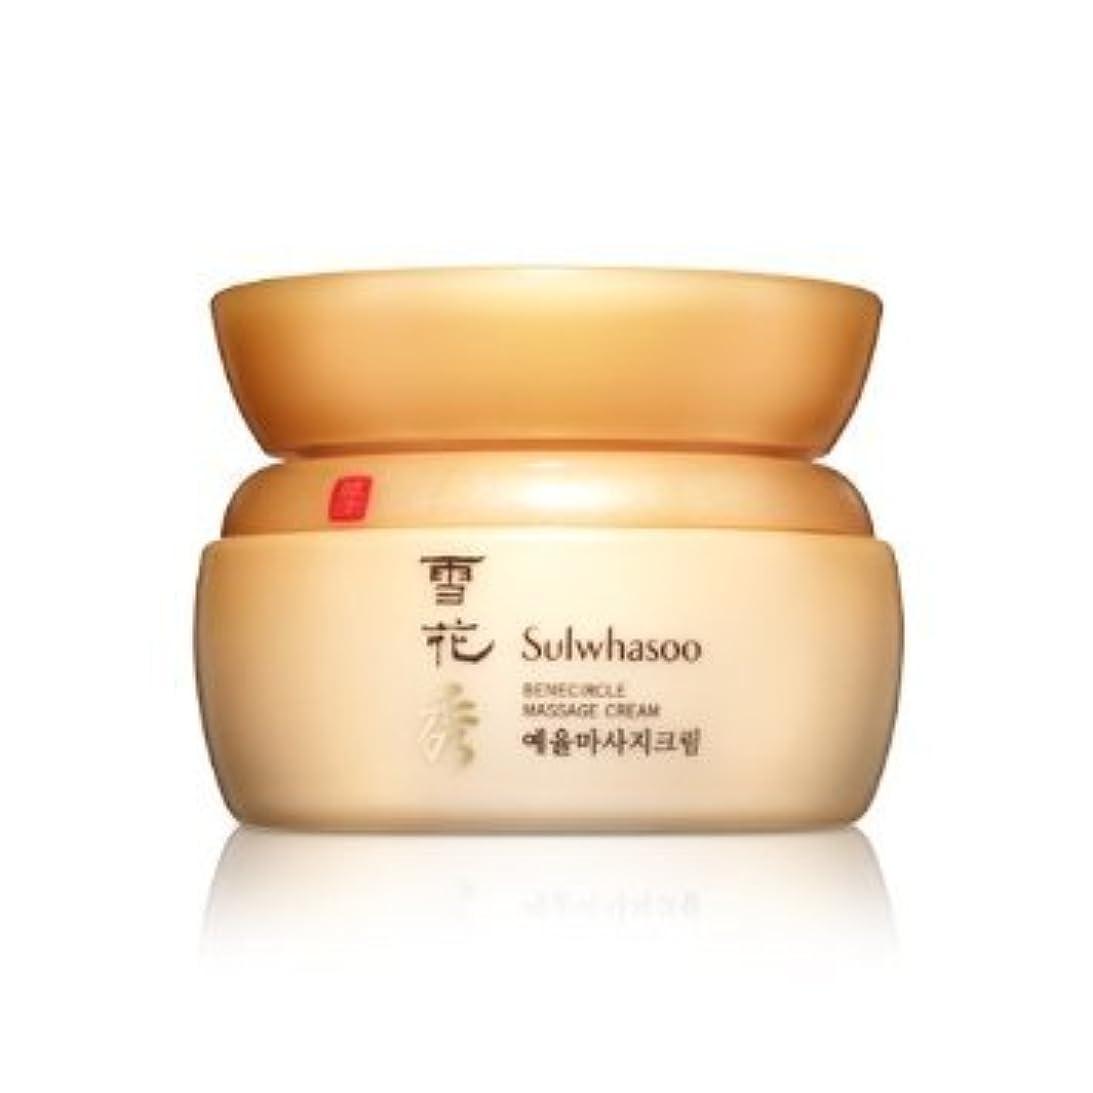 どこでも違反味わう[Sulwhasoo] Benecircle Massage Cream (Yae Yul Massage Cream) 180ml / FREE Gift Wrap![並行輸入品]